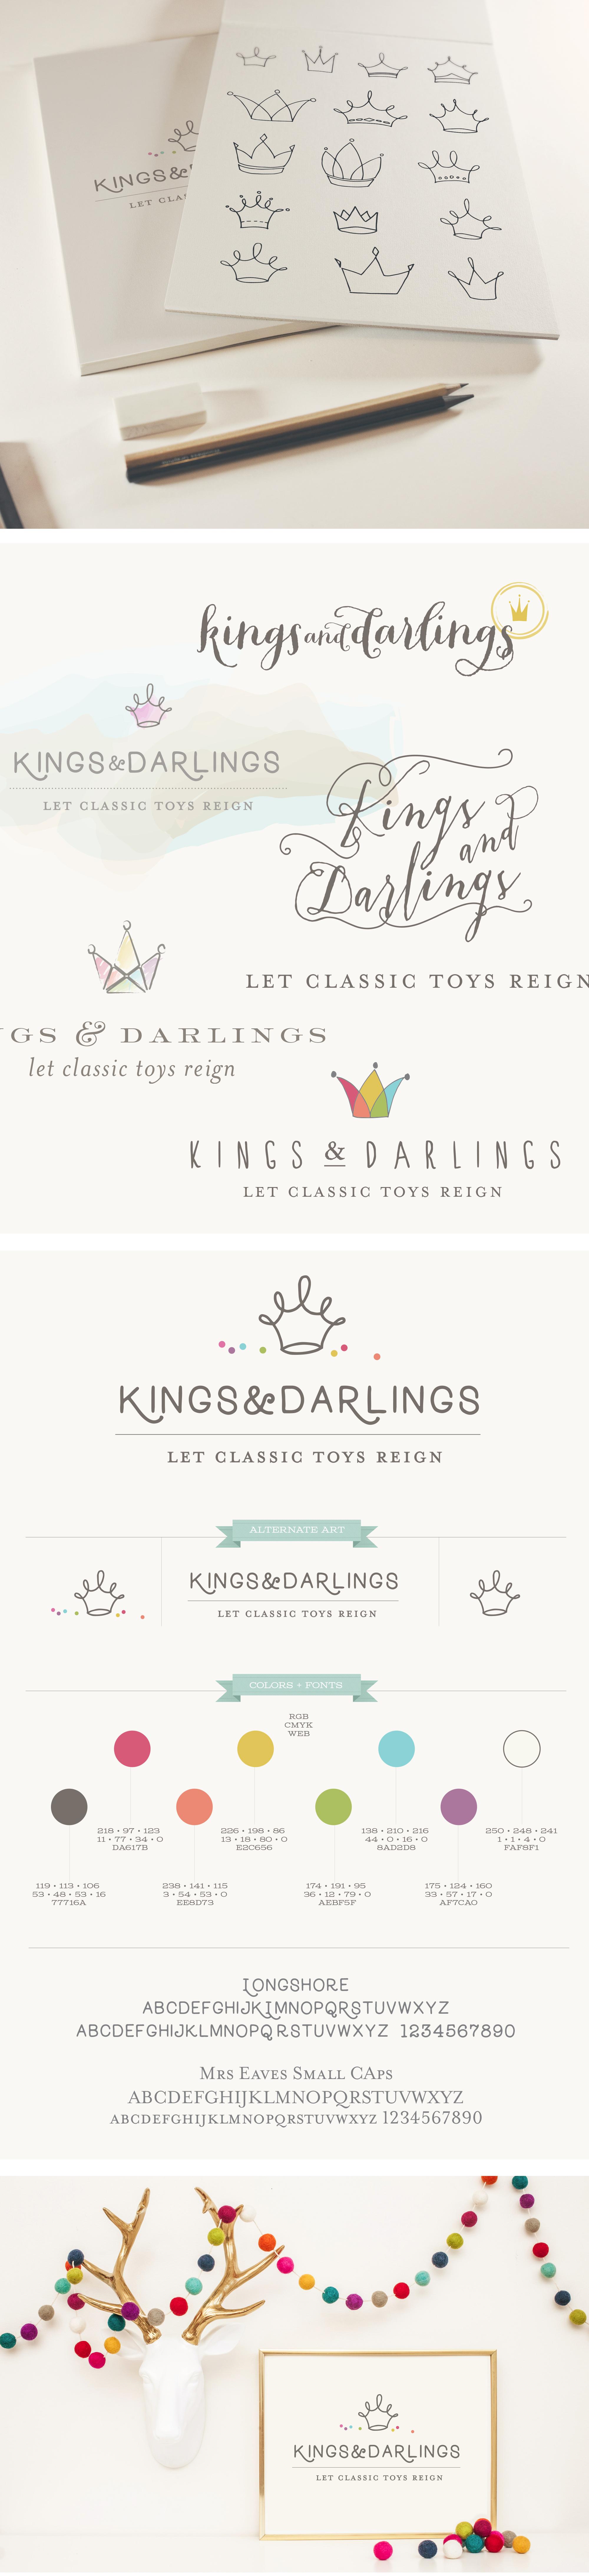 kingsanddarlings